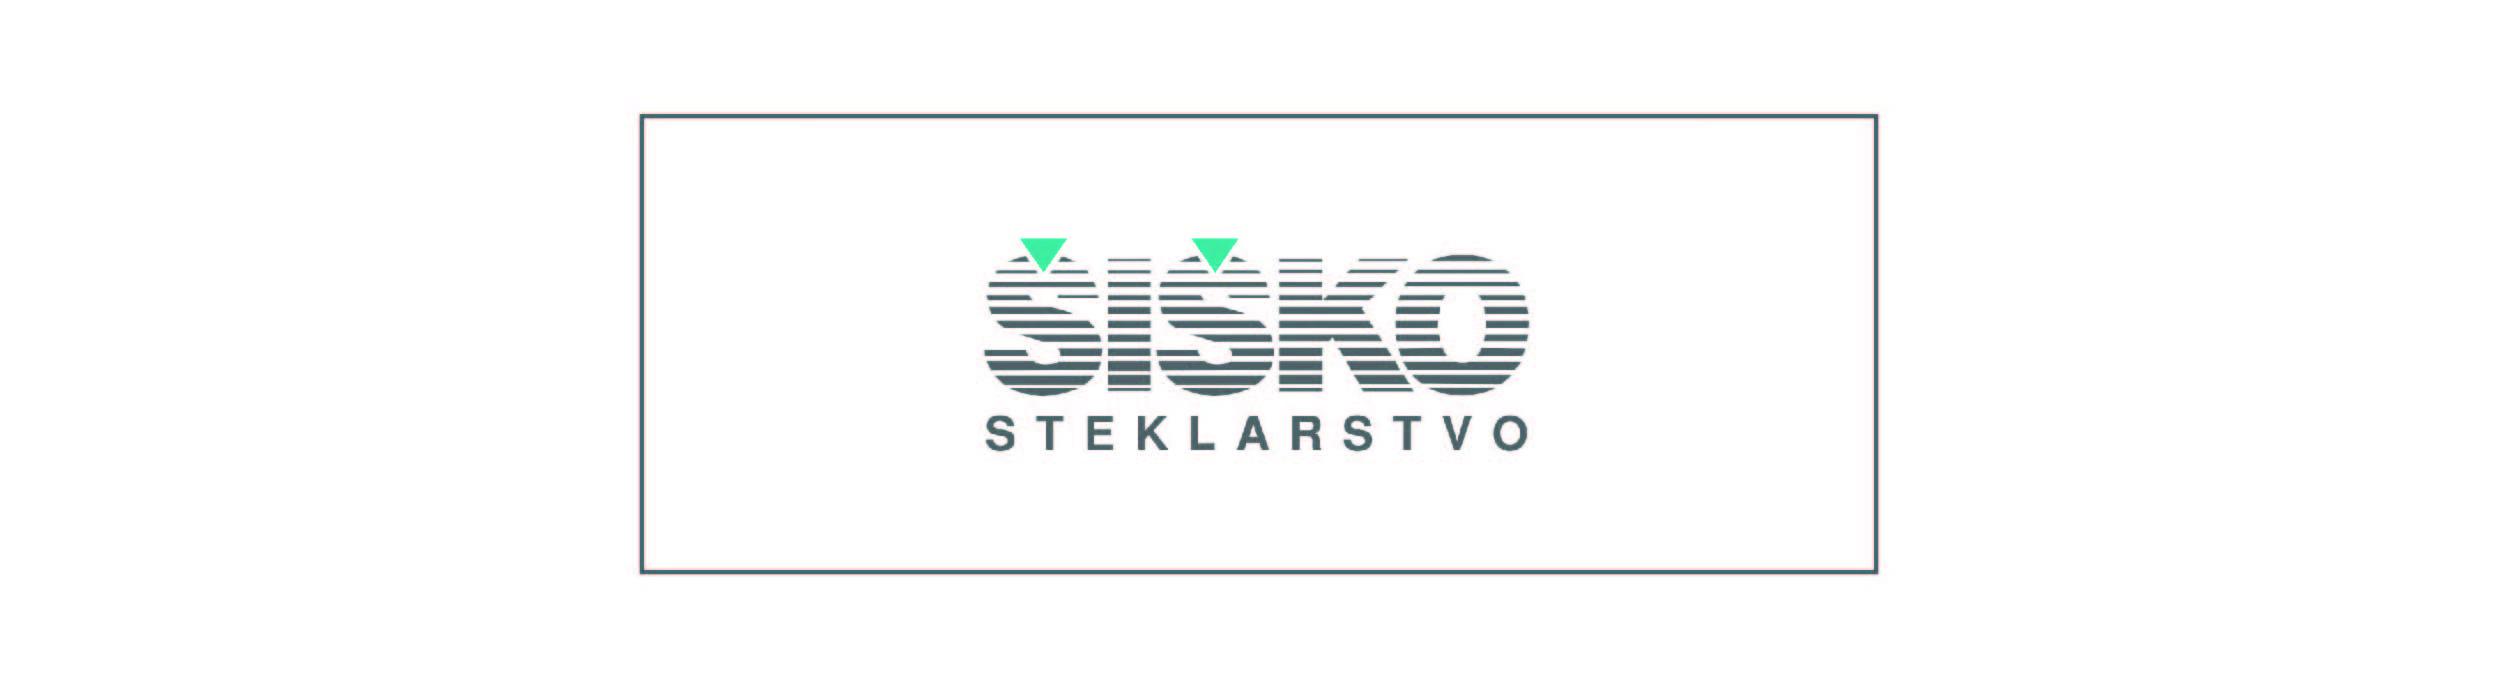 1sisko-01-01-01